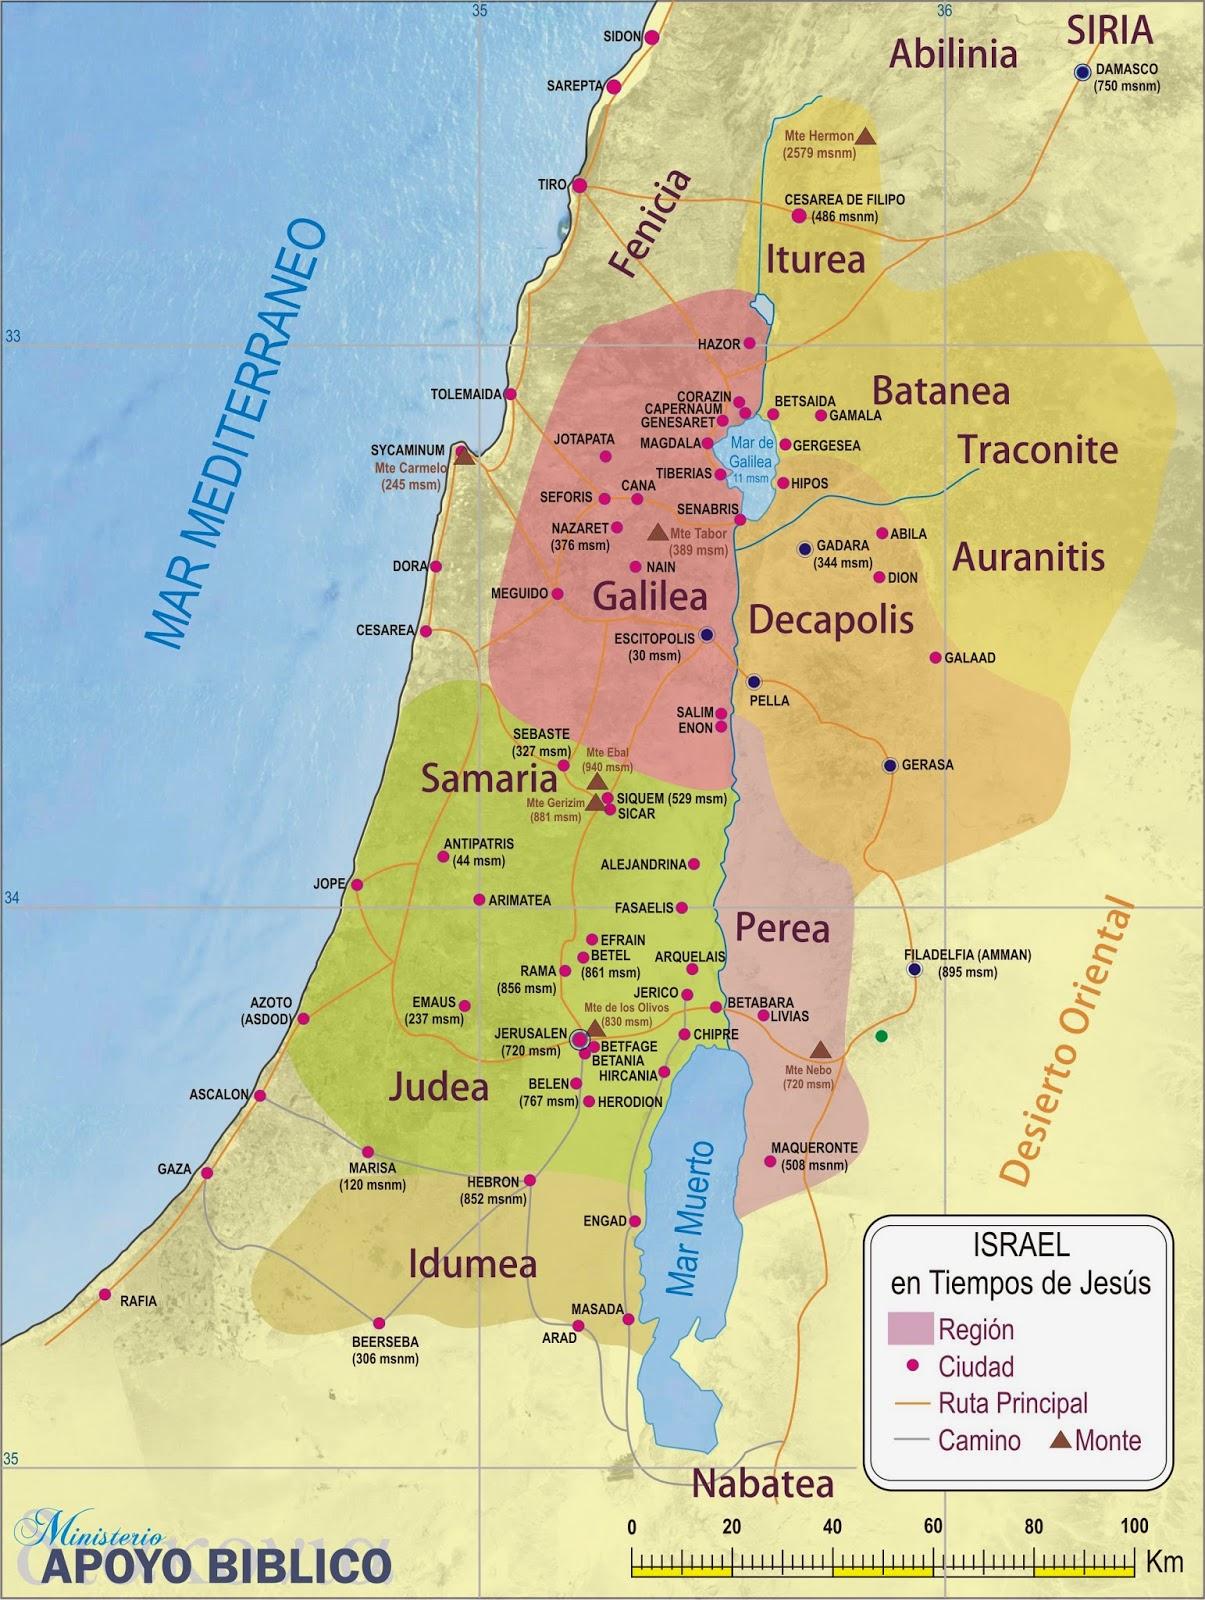 Ministerio apoyo b blico mapa de israel siglo i for Ministerio del interior ubicacion mapa